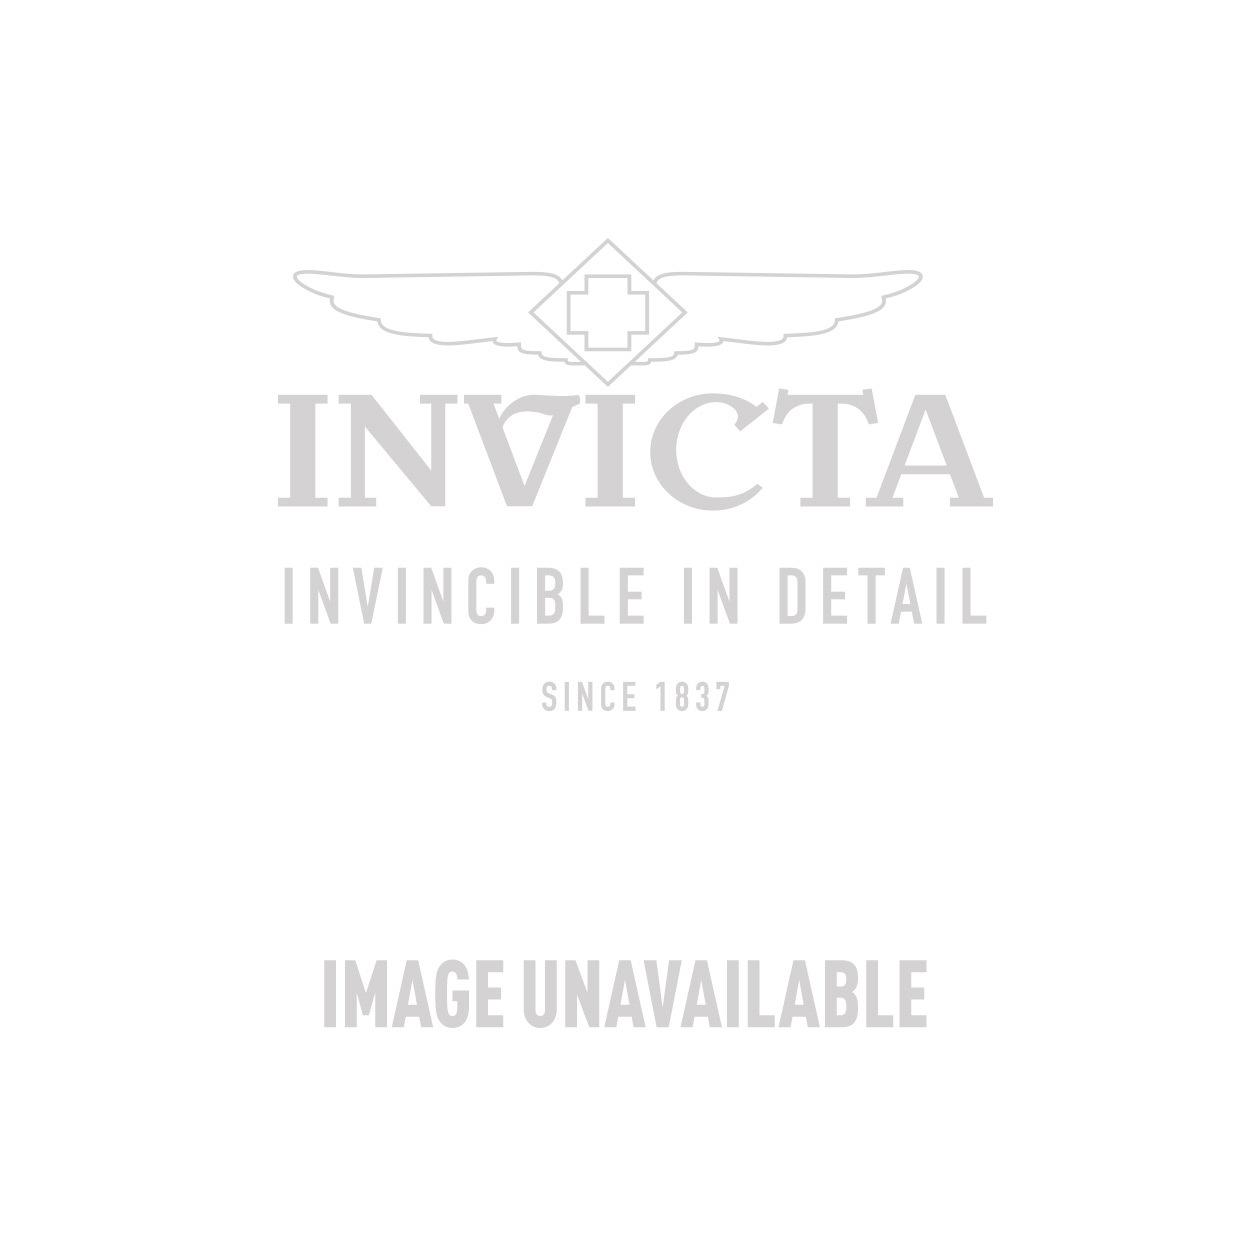 Invicta Model 29307